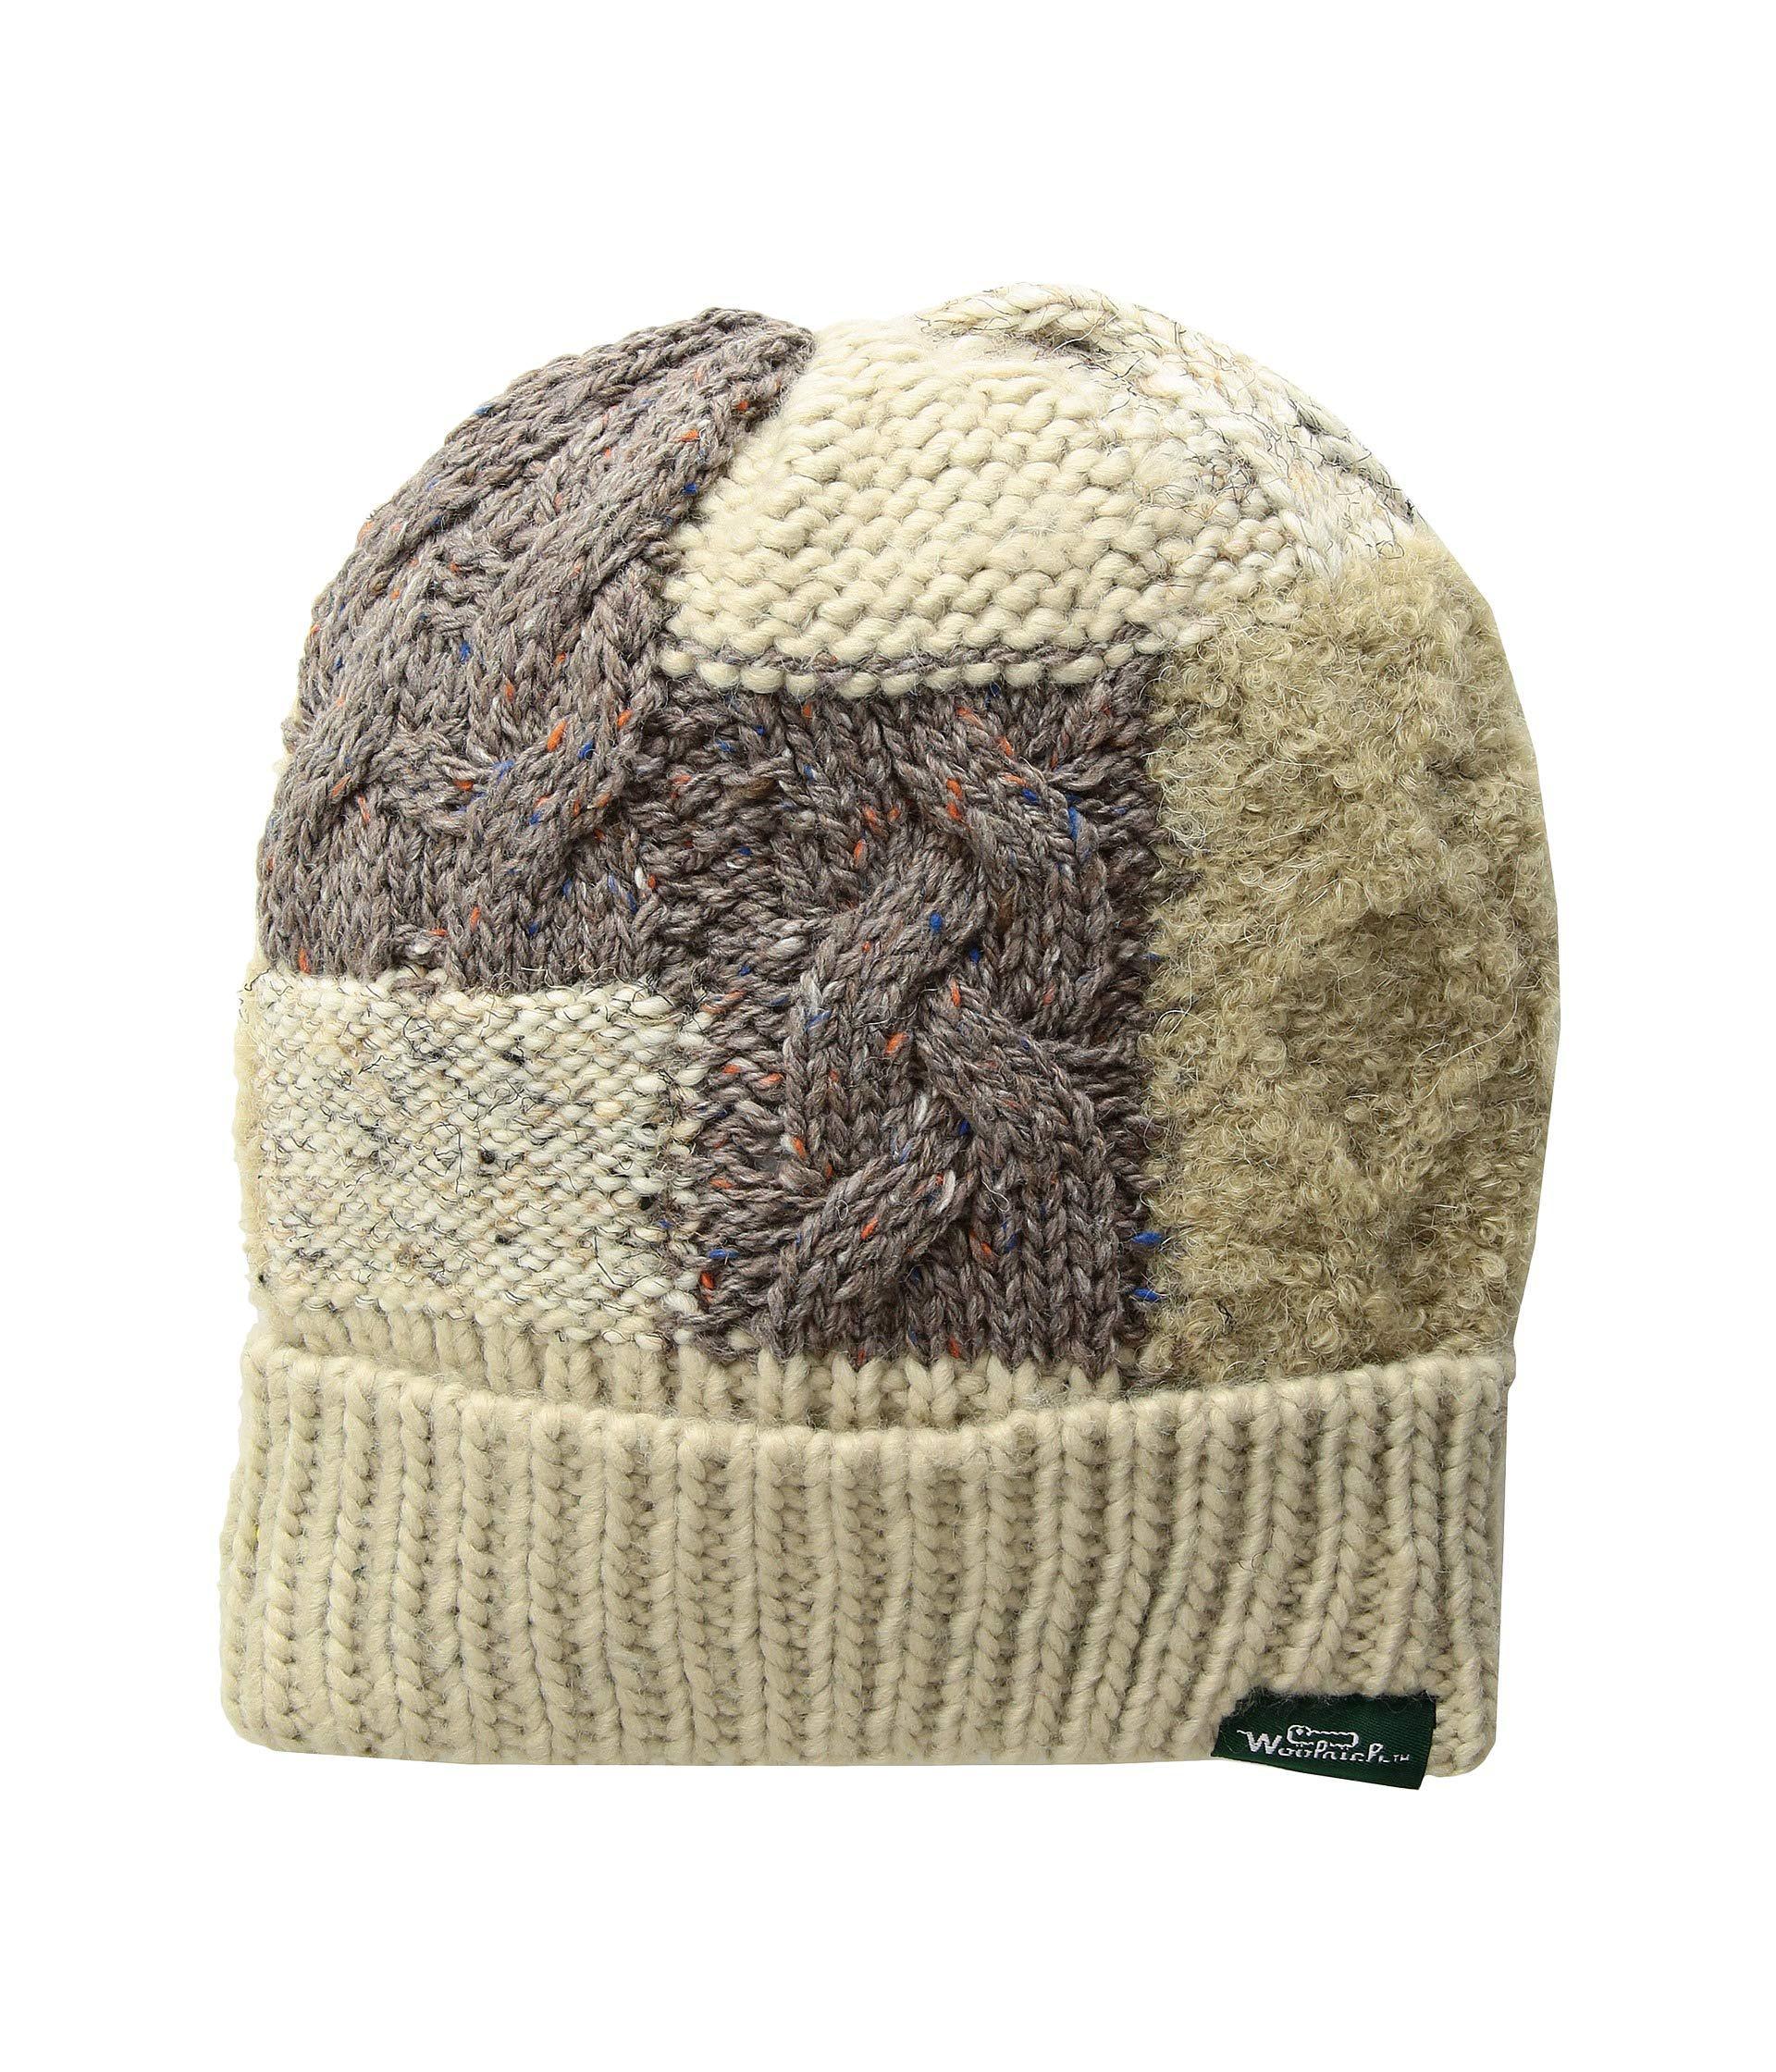 Lyst - Woolrich Knit Patch Cuff Cap (beige) Caps in Natural for Men 53c81496436f